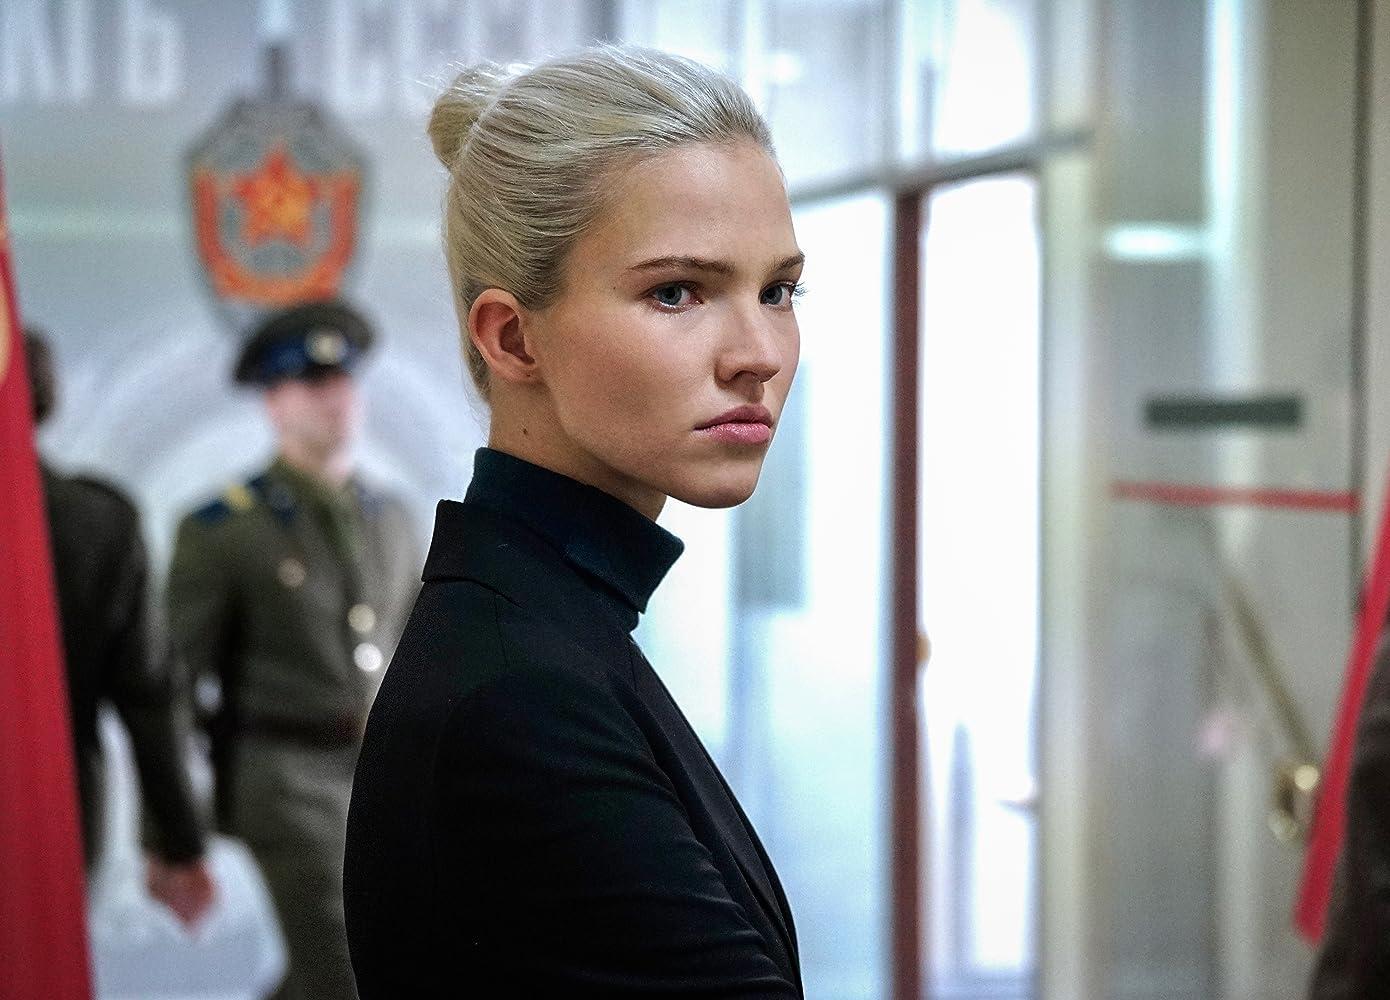 Sasha Luss in Anna (2019)